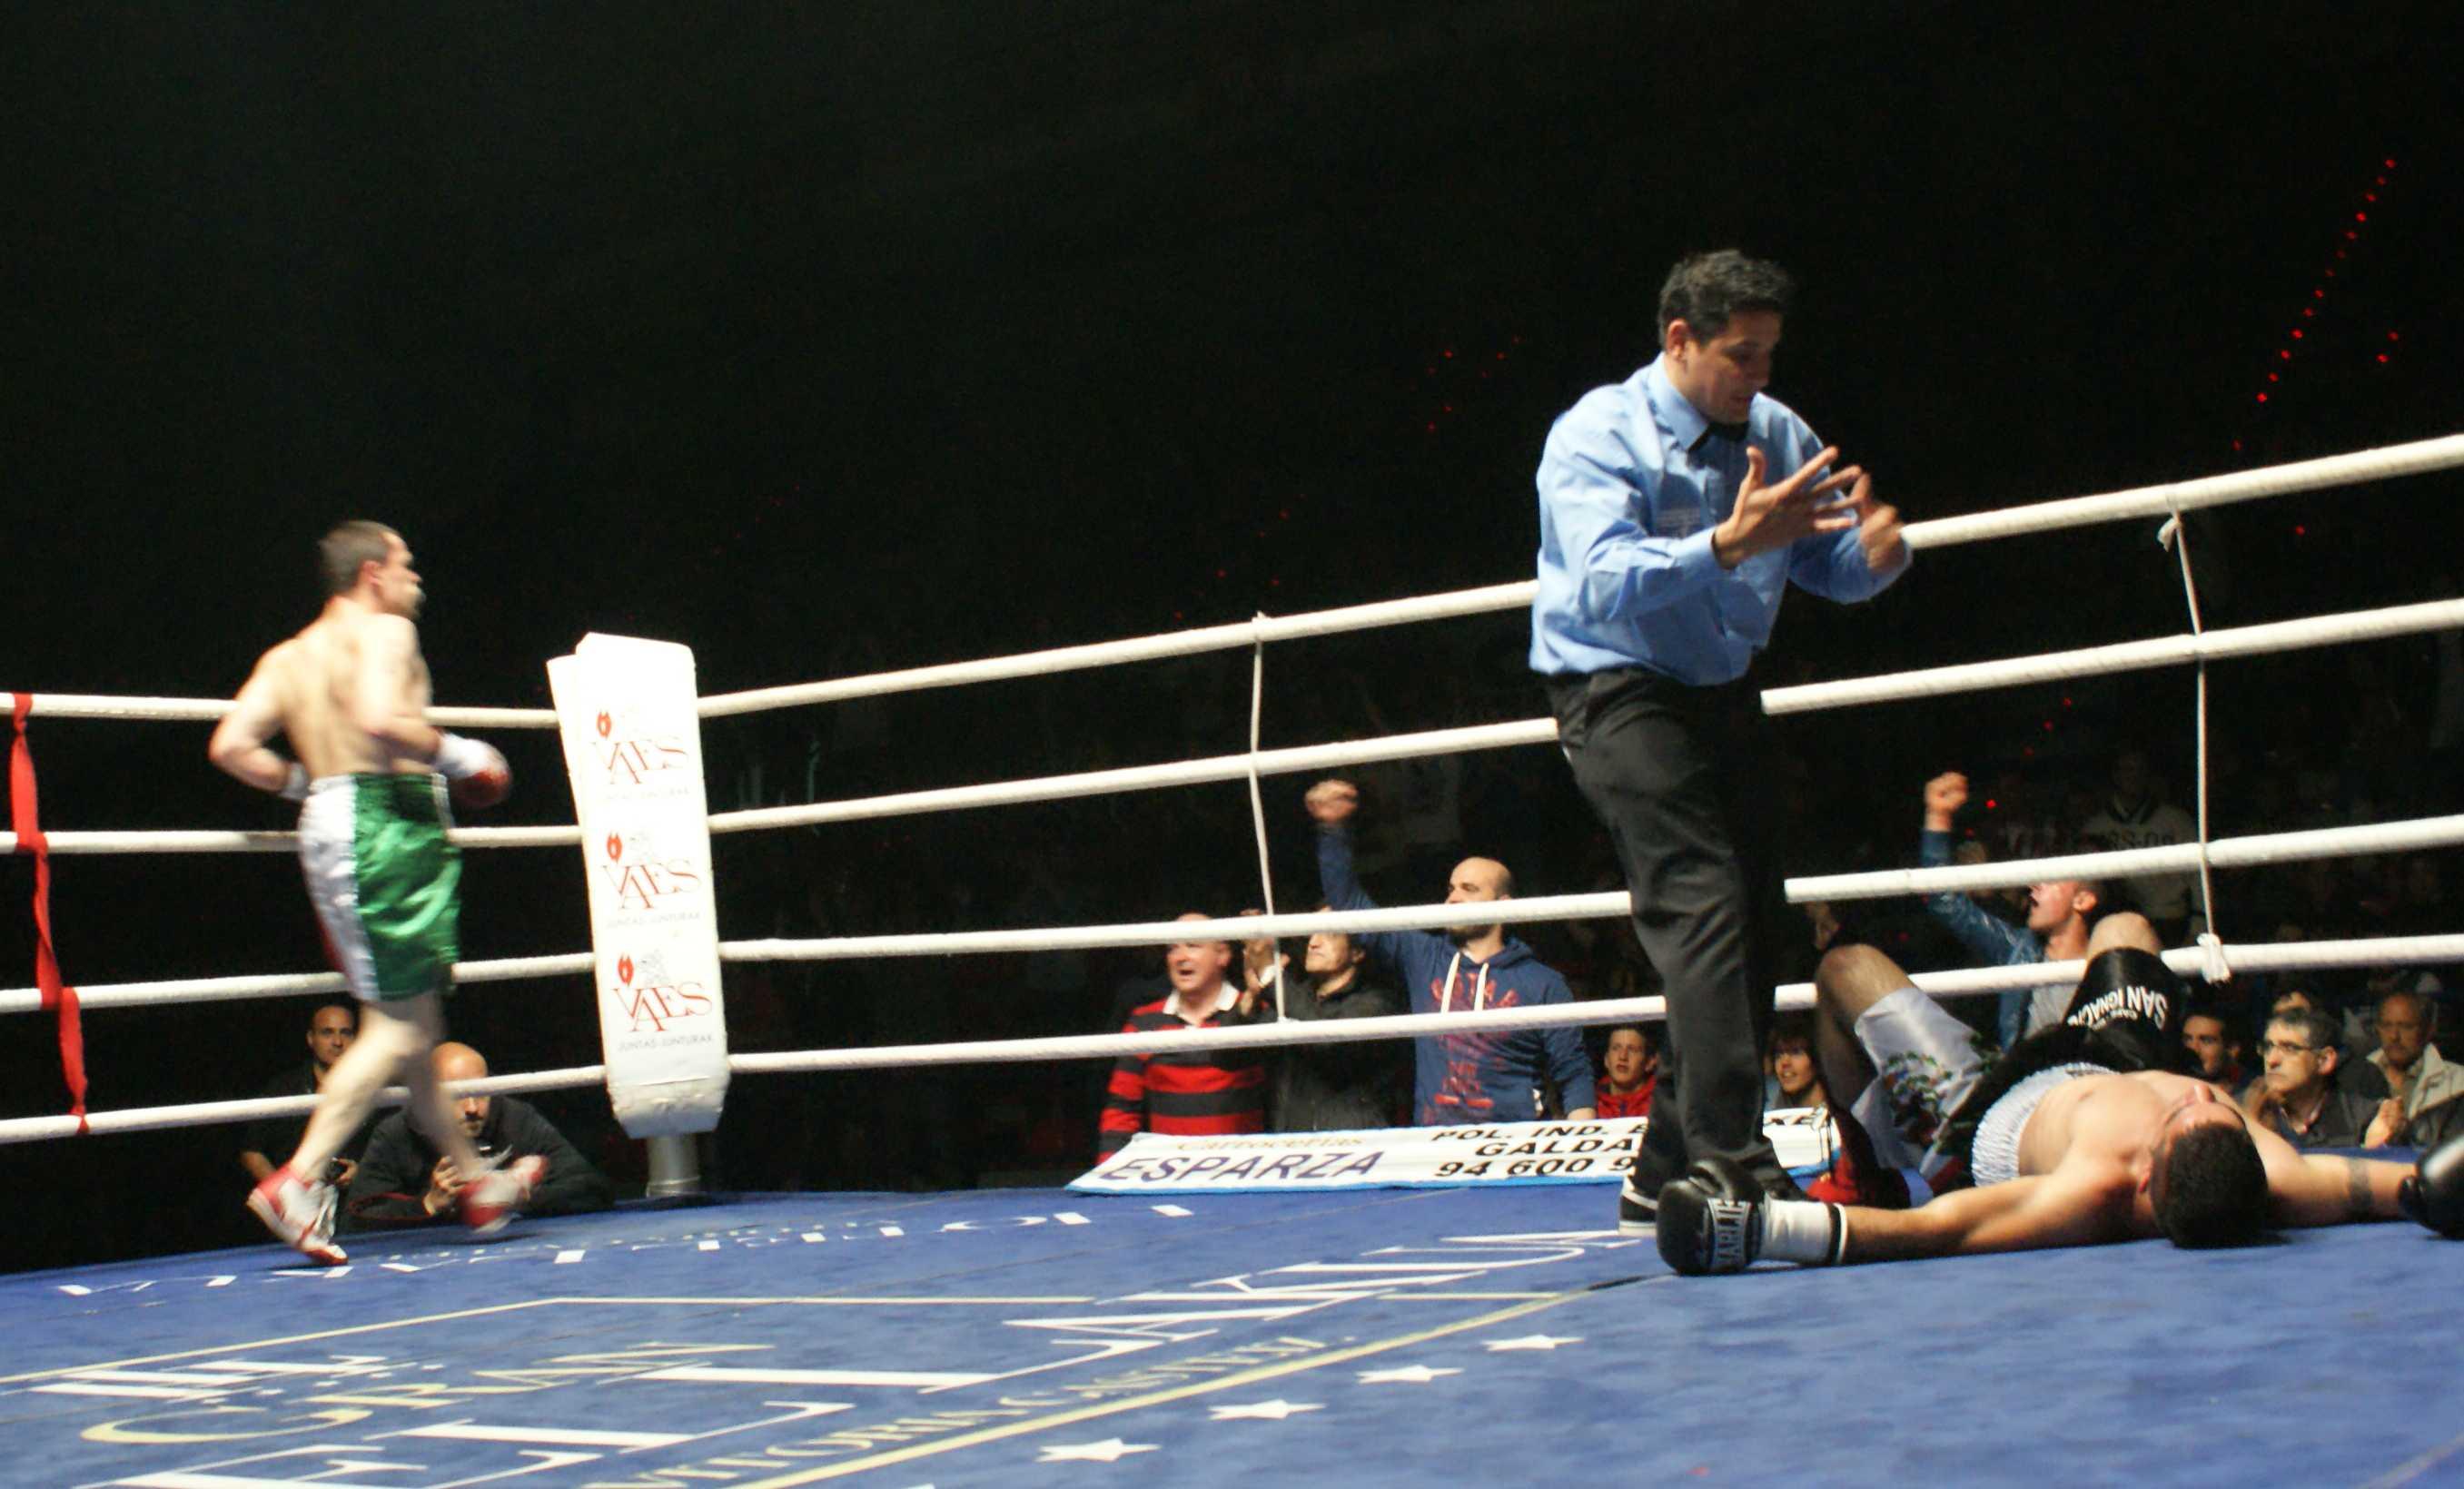 Boxeo profesional: Andoni Gago celebra el resultado de un serie de manos certeras en el tercer asalto. Daniel Bueno, muy fuerte y ofensivo hasta el momento, se recuperó pero no pudo seguir el pleito